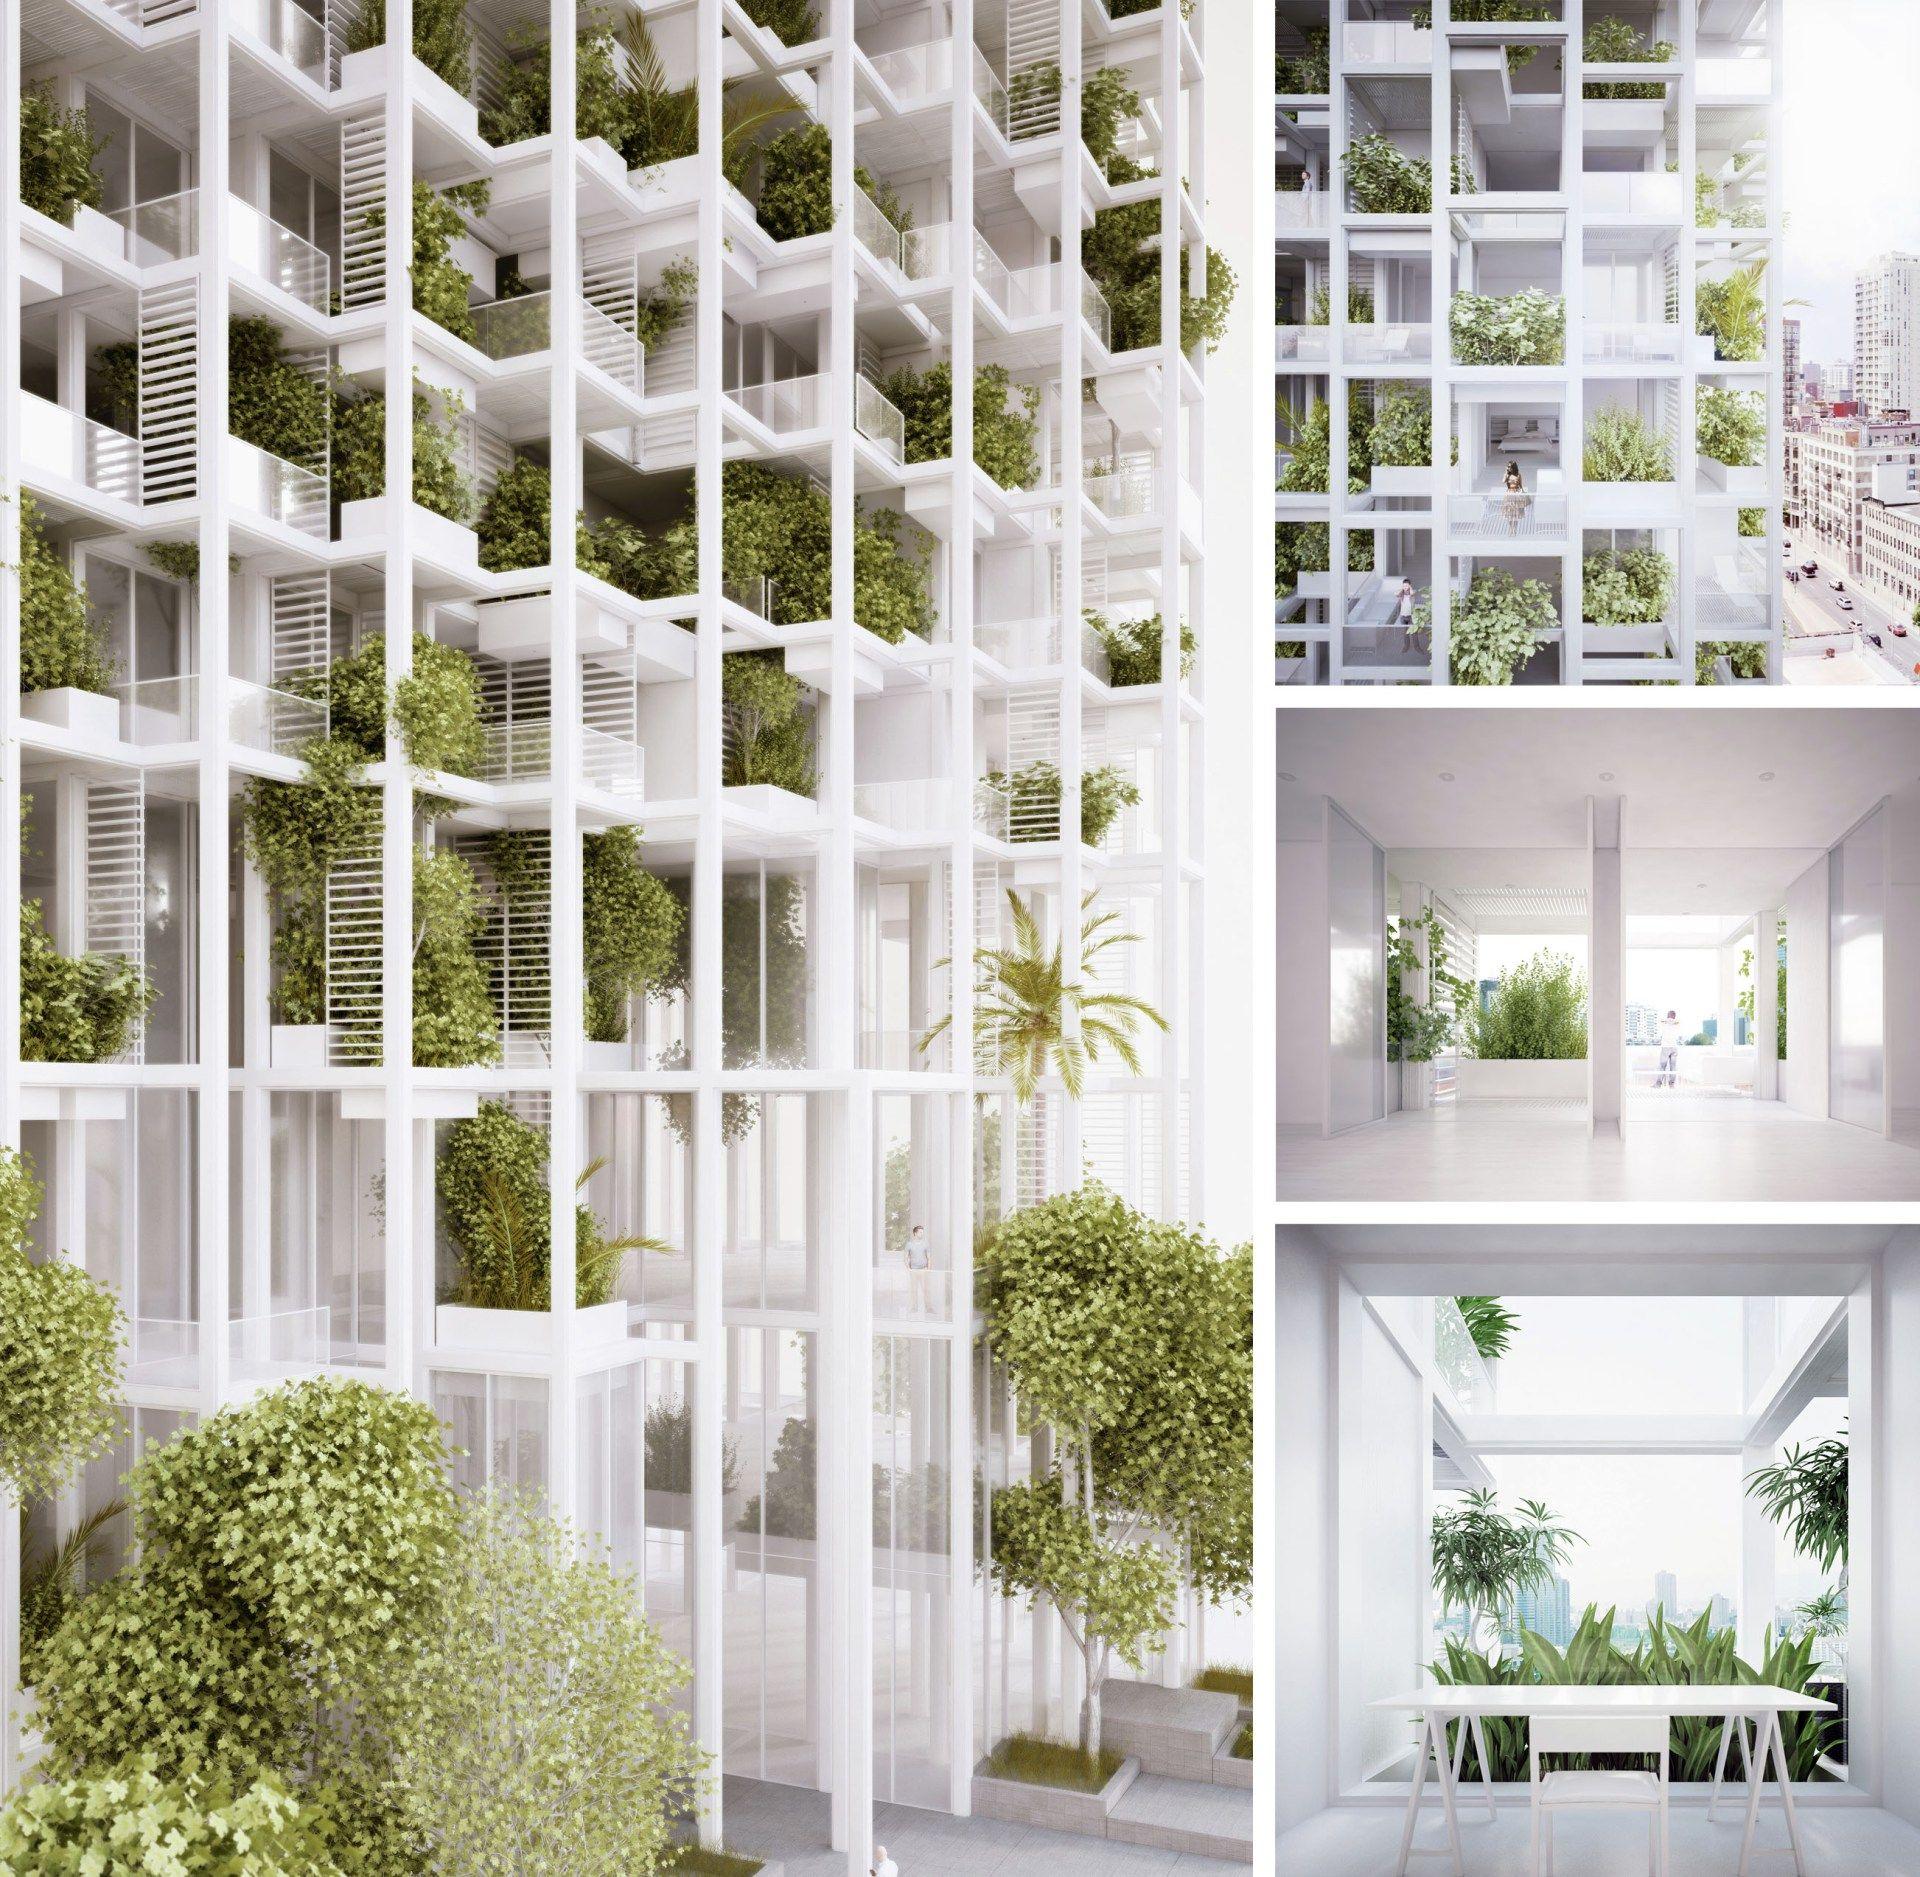 tree storey vegetação